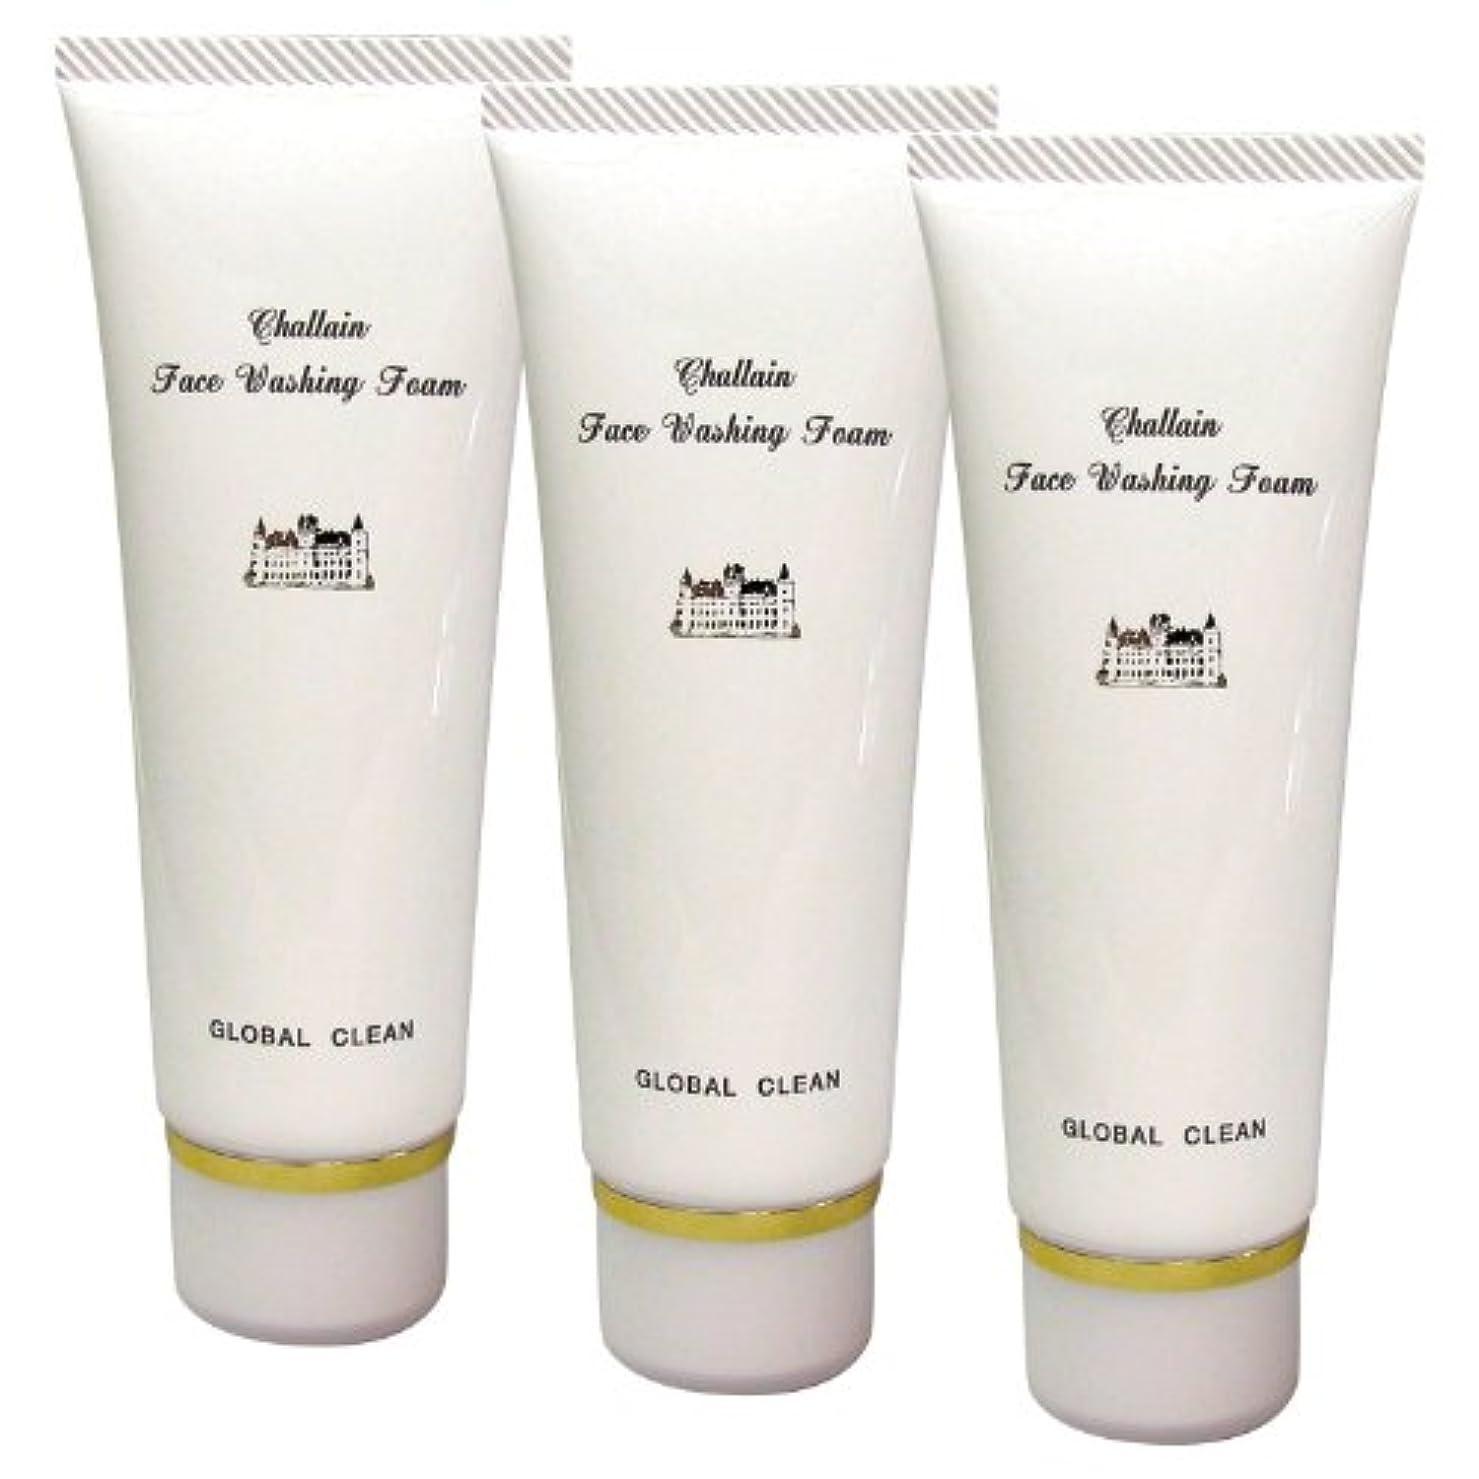 油脂と製法にこだわった熟成洗顔フォーム! シャラン洗顔フォーム 3個組